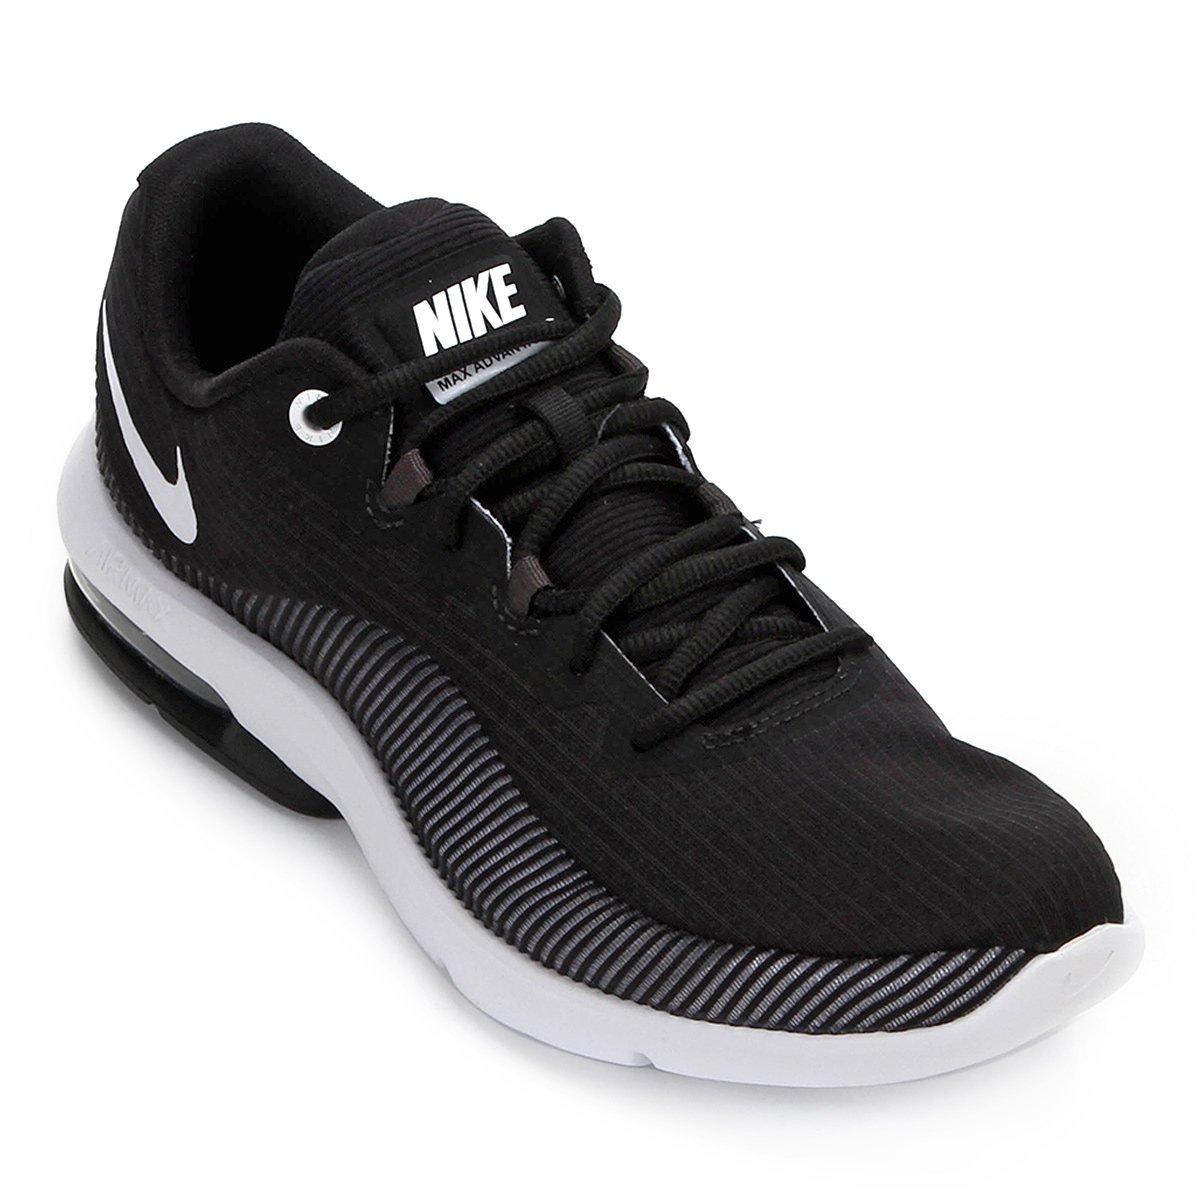 info for 9f177 1f390 Tênis Nike Air Max Advantage 2 Masculino - Preto e Branco   Zattini